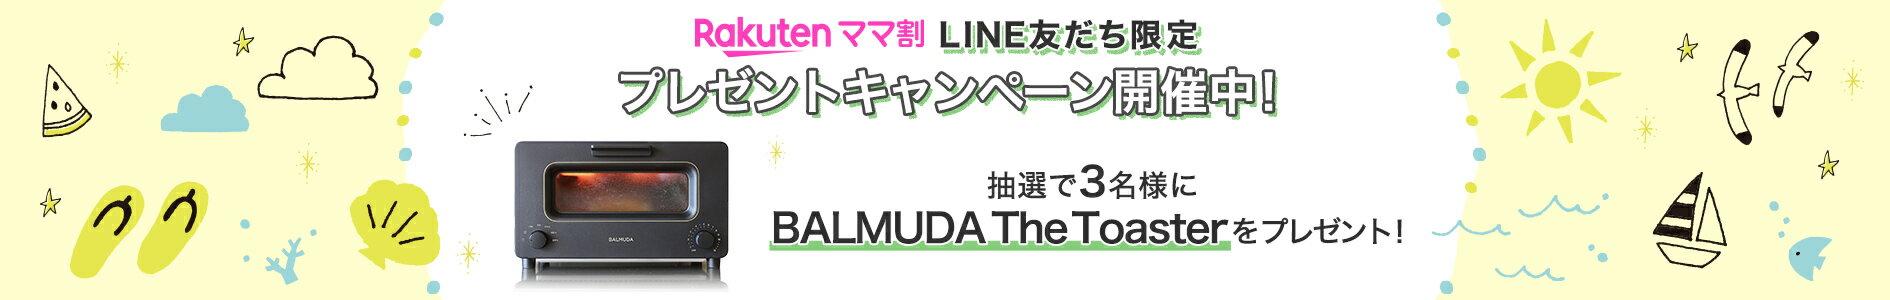 ママ割LINE限定プレゼントキャンペーン